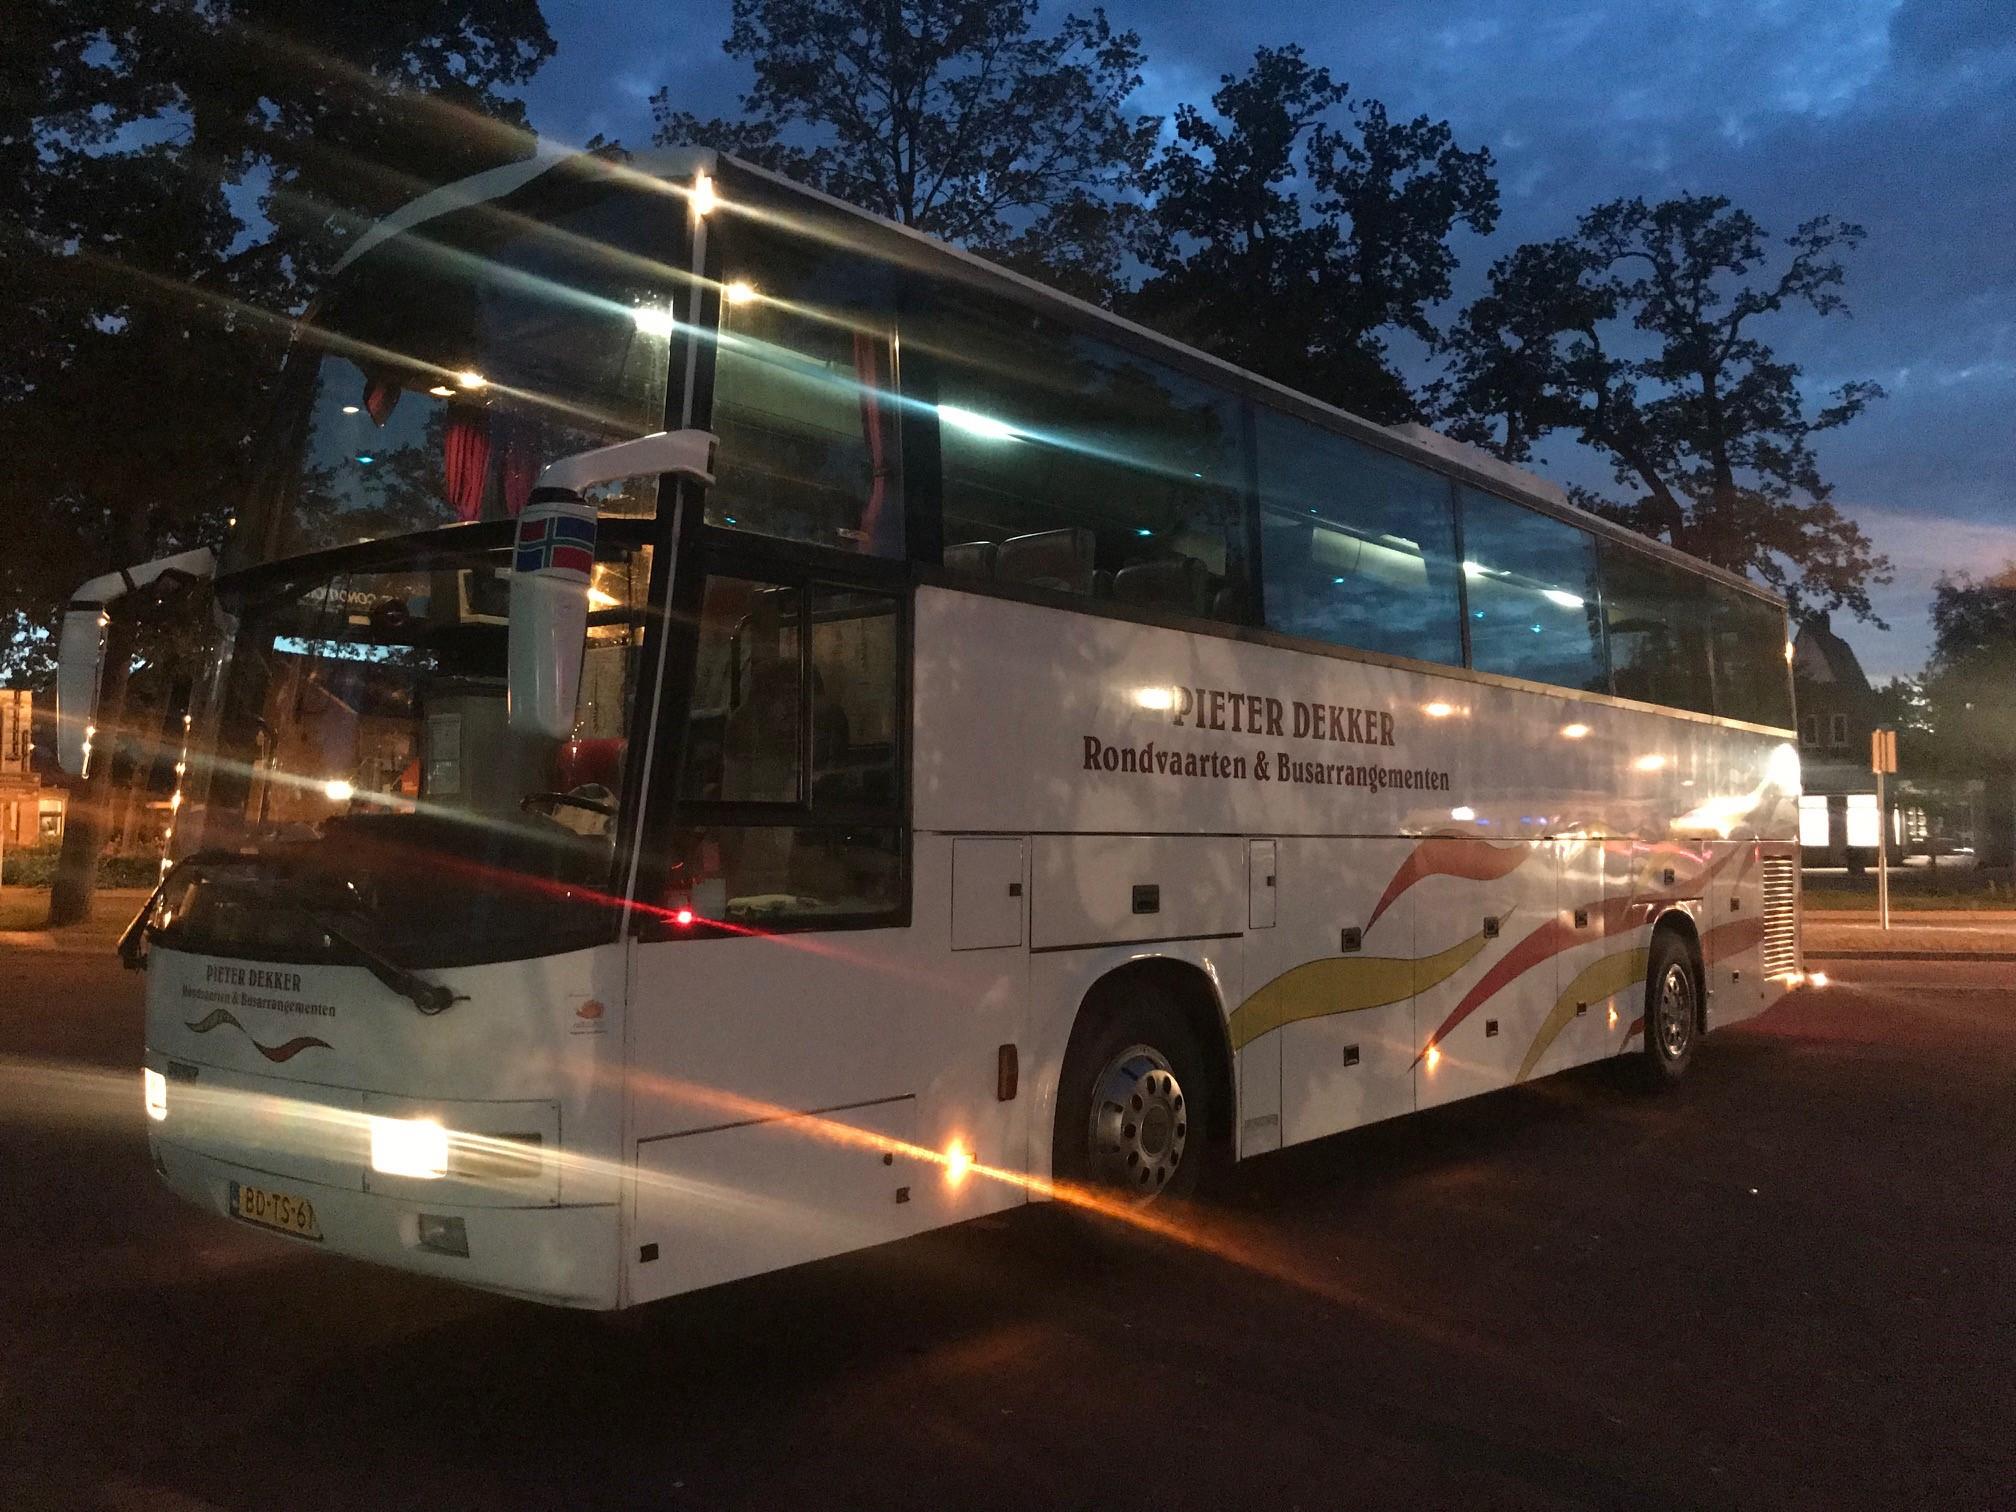 Luxe Bus Pieter Dekker Rondvaarten